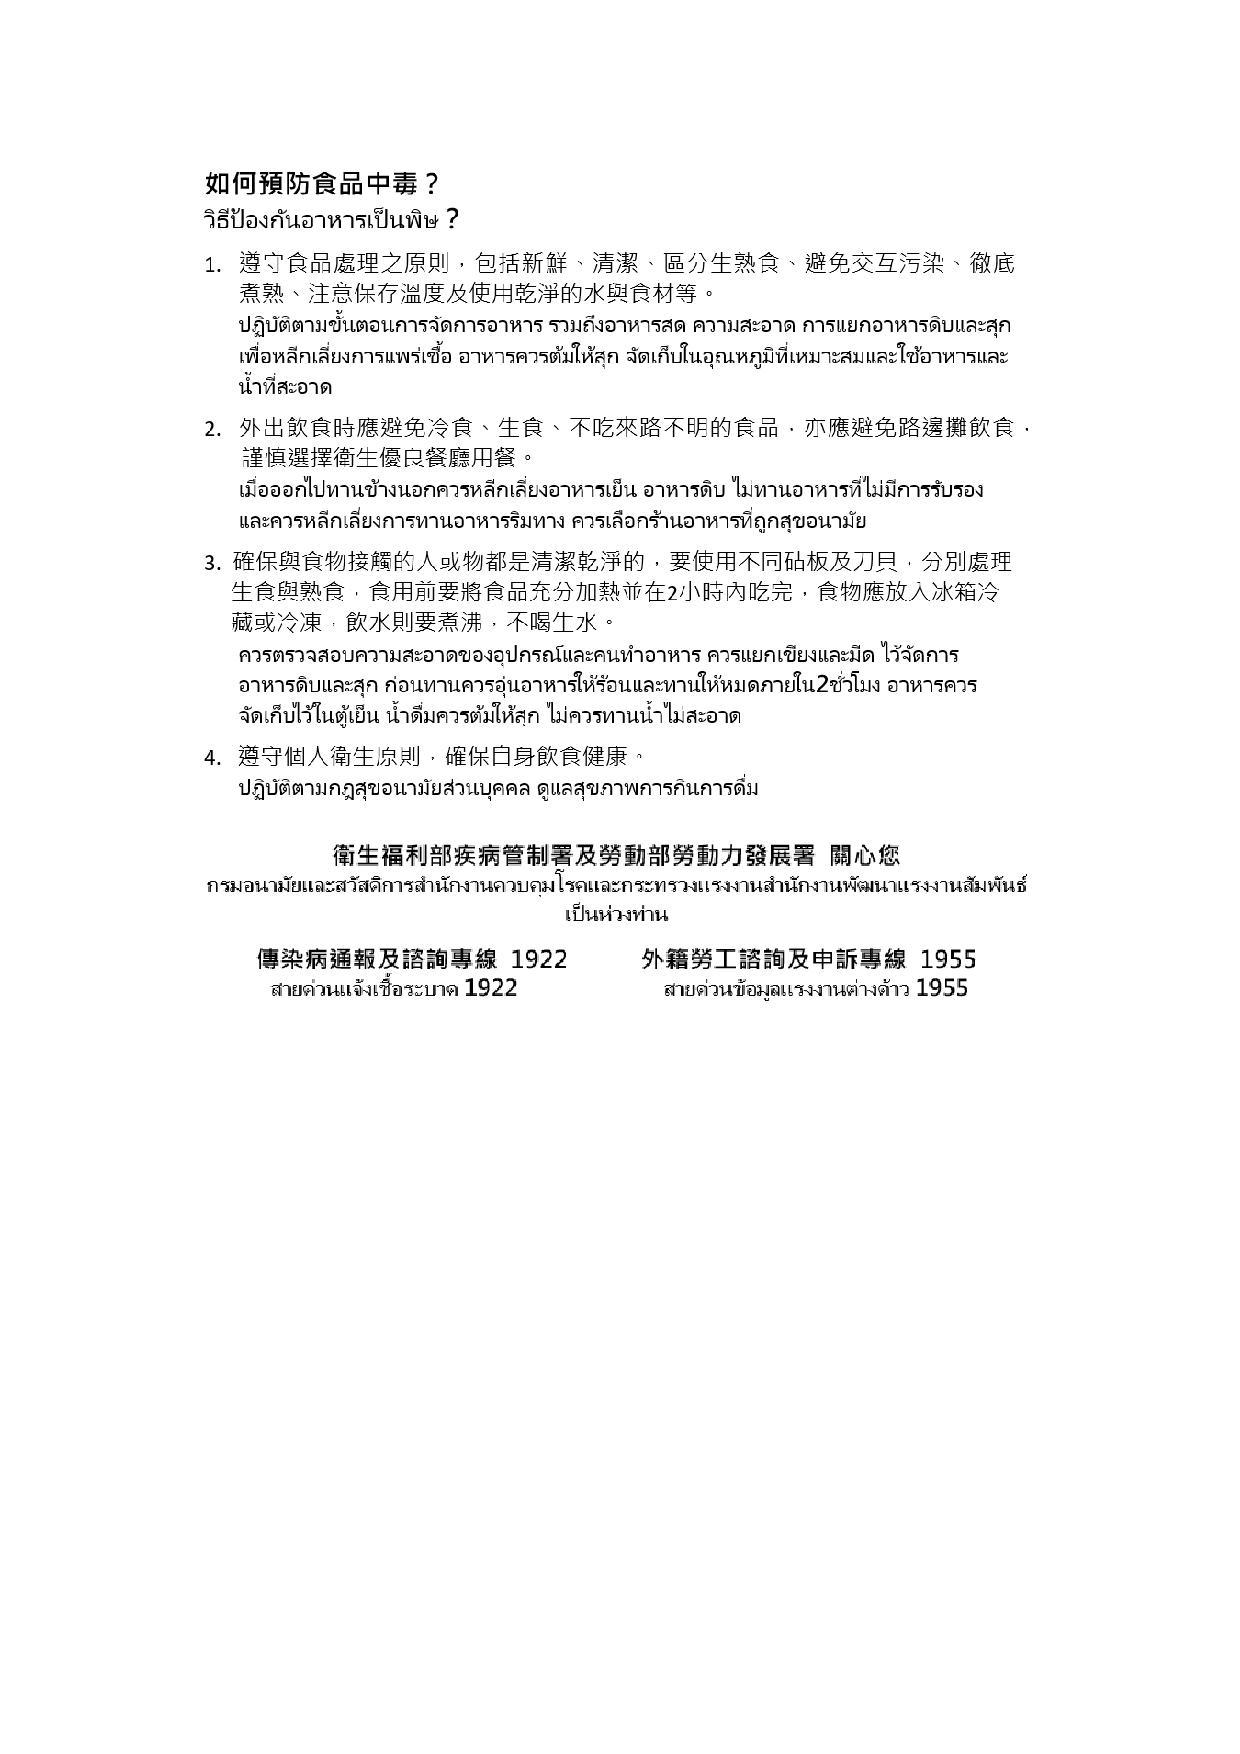 詳如附件【คลิก】ป้องการภาวะอาหารเป็นพิษ(หน้า 2)預防食品中毒(泰文)